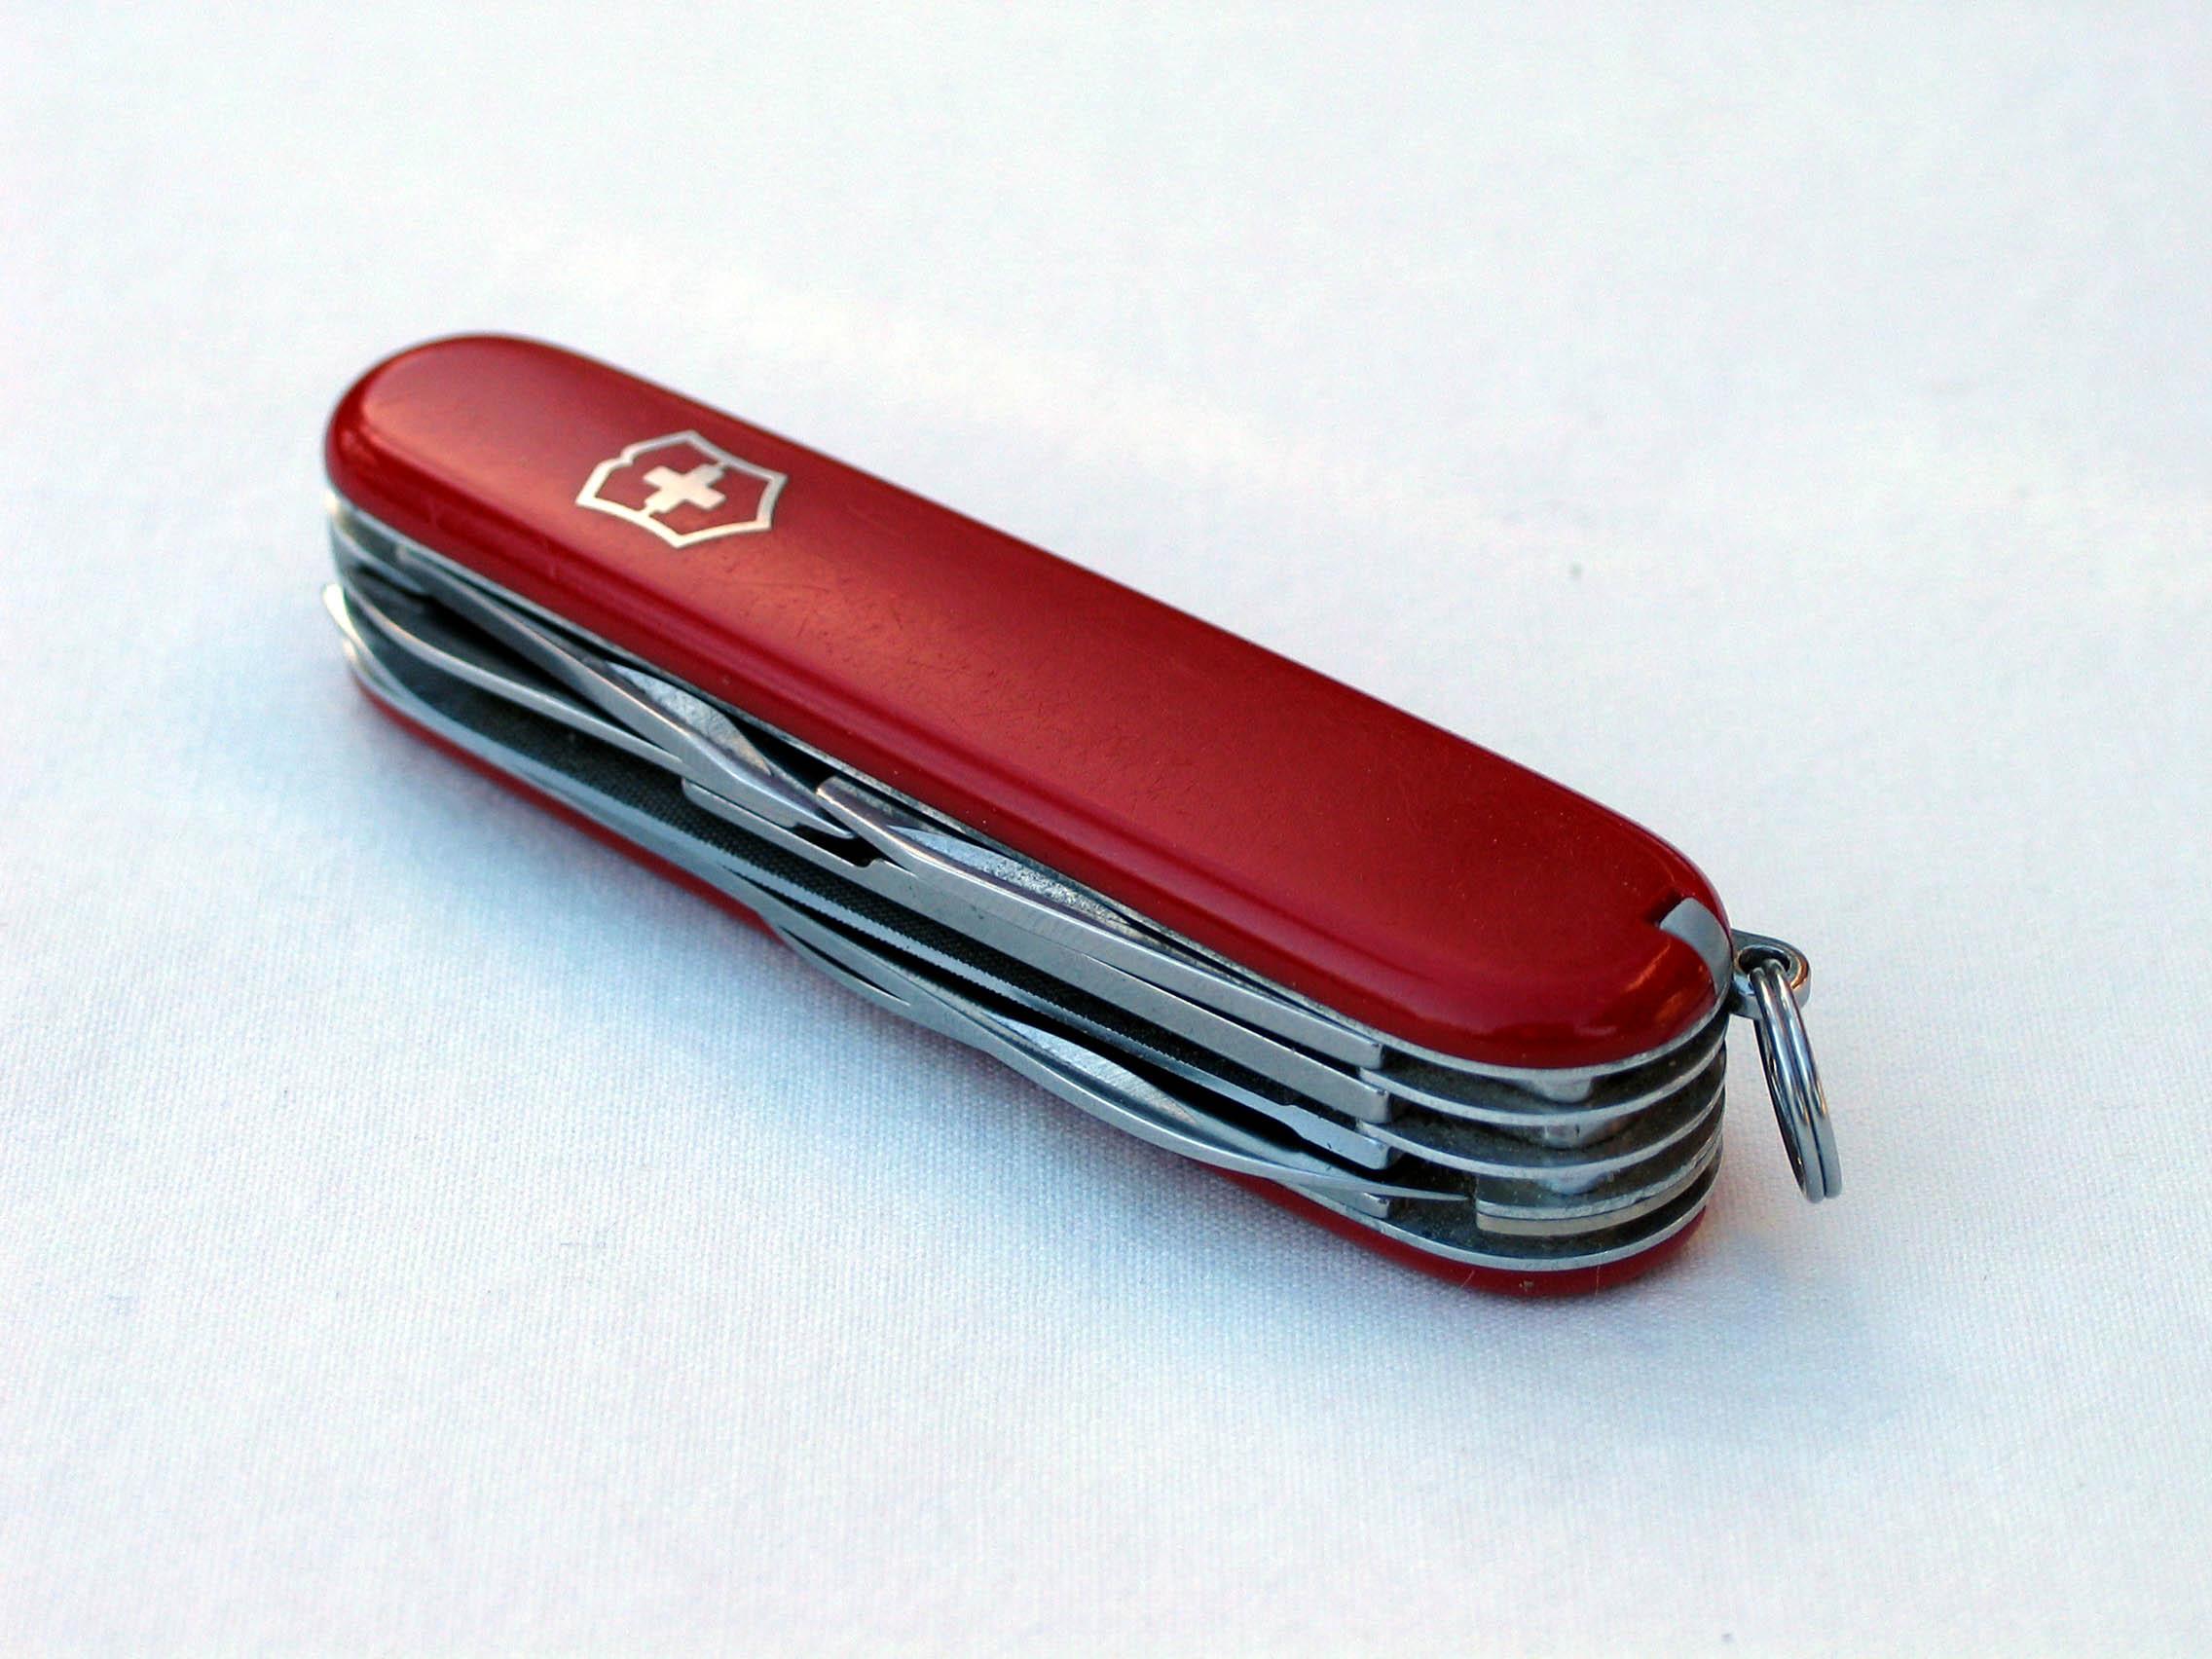 Swiss Army knife, photo taken in Sweden